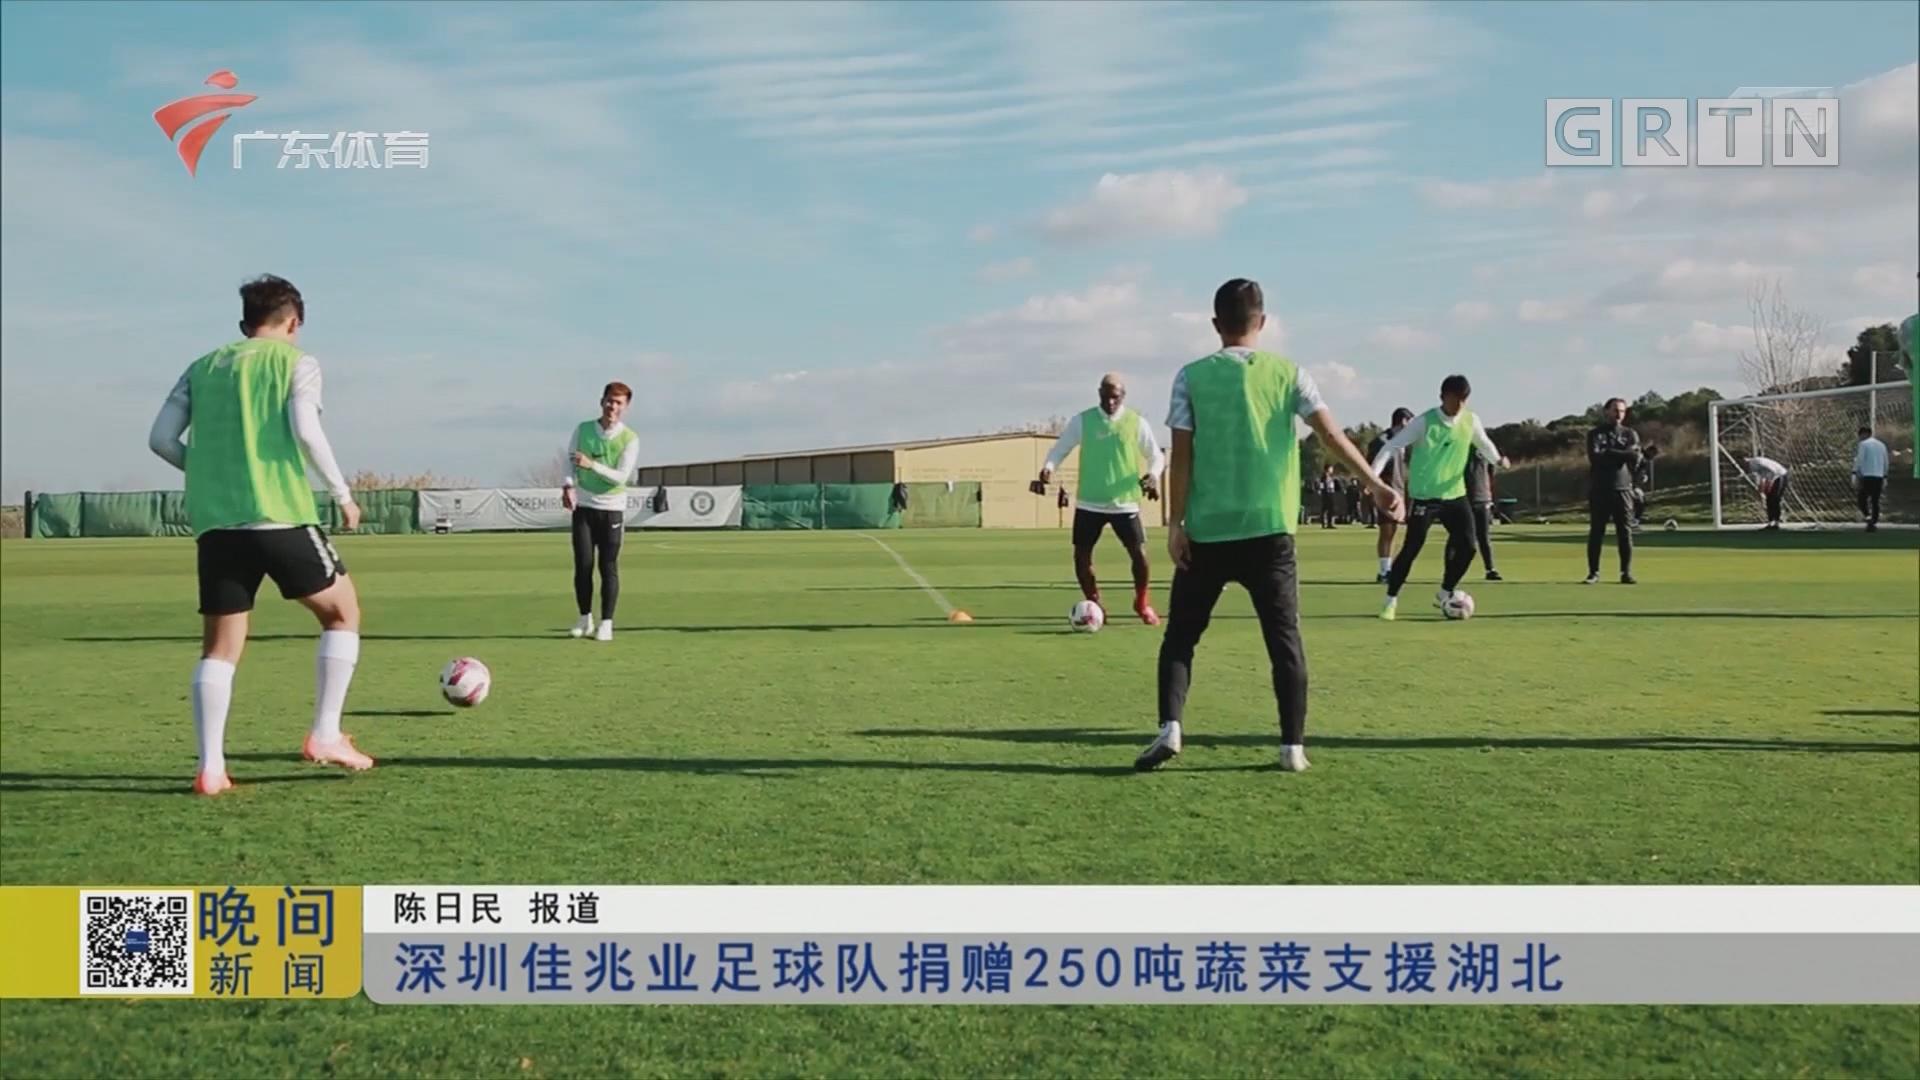 深圳佳兆业足球队捐赠250吨蔬菜支援湖北